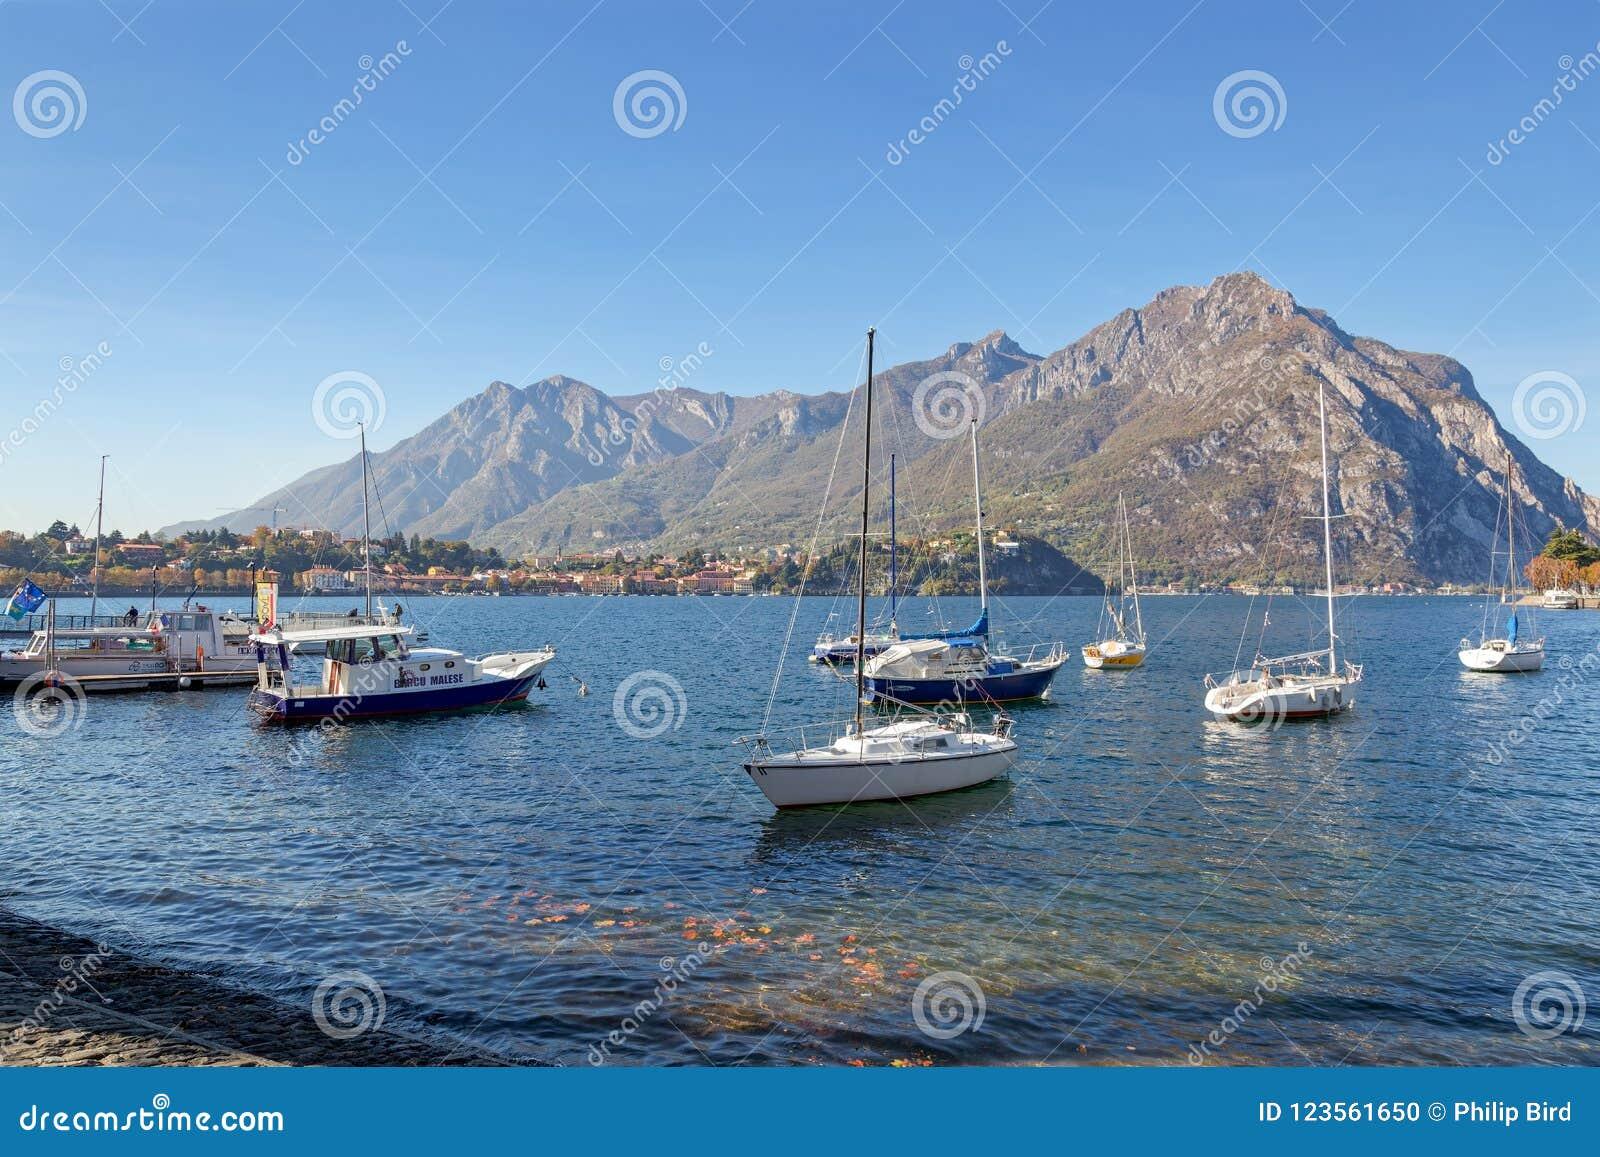 LECCO, ITALY/EUROPE - 29 OKTOBER: Mening van Boten op Meer Como bij